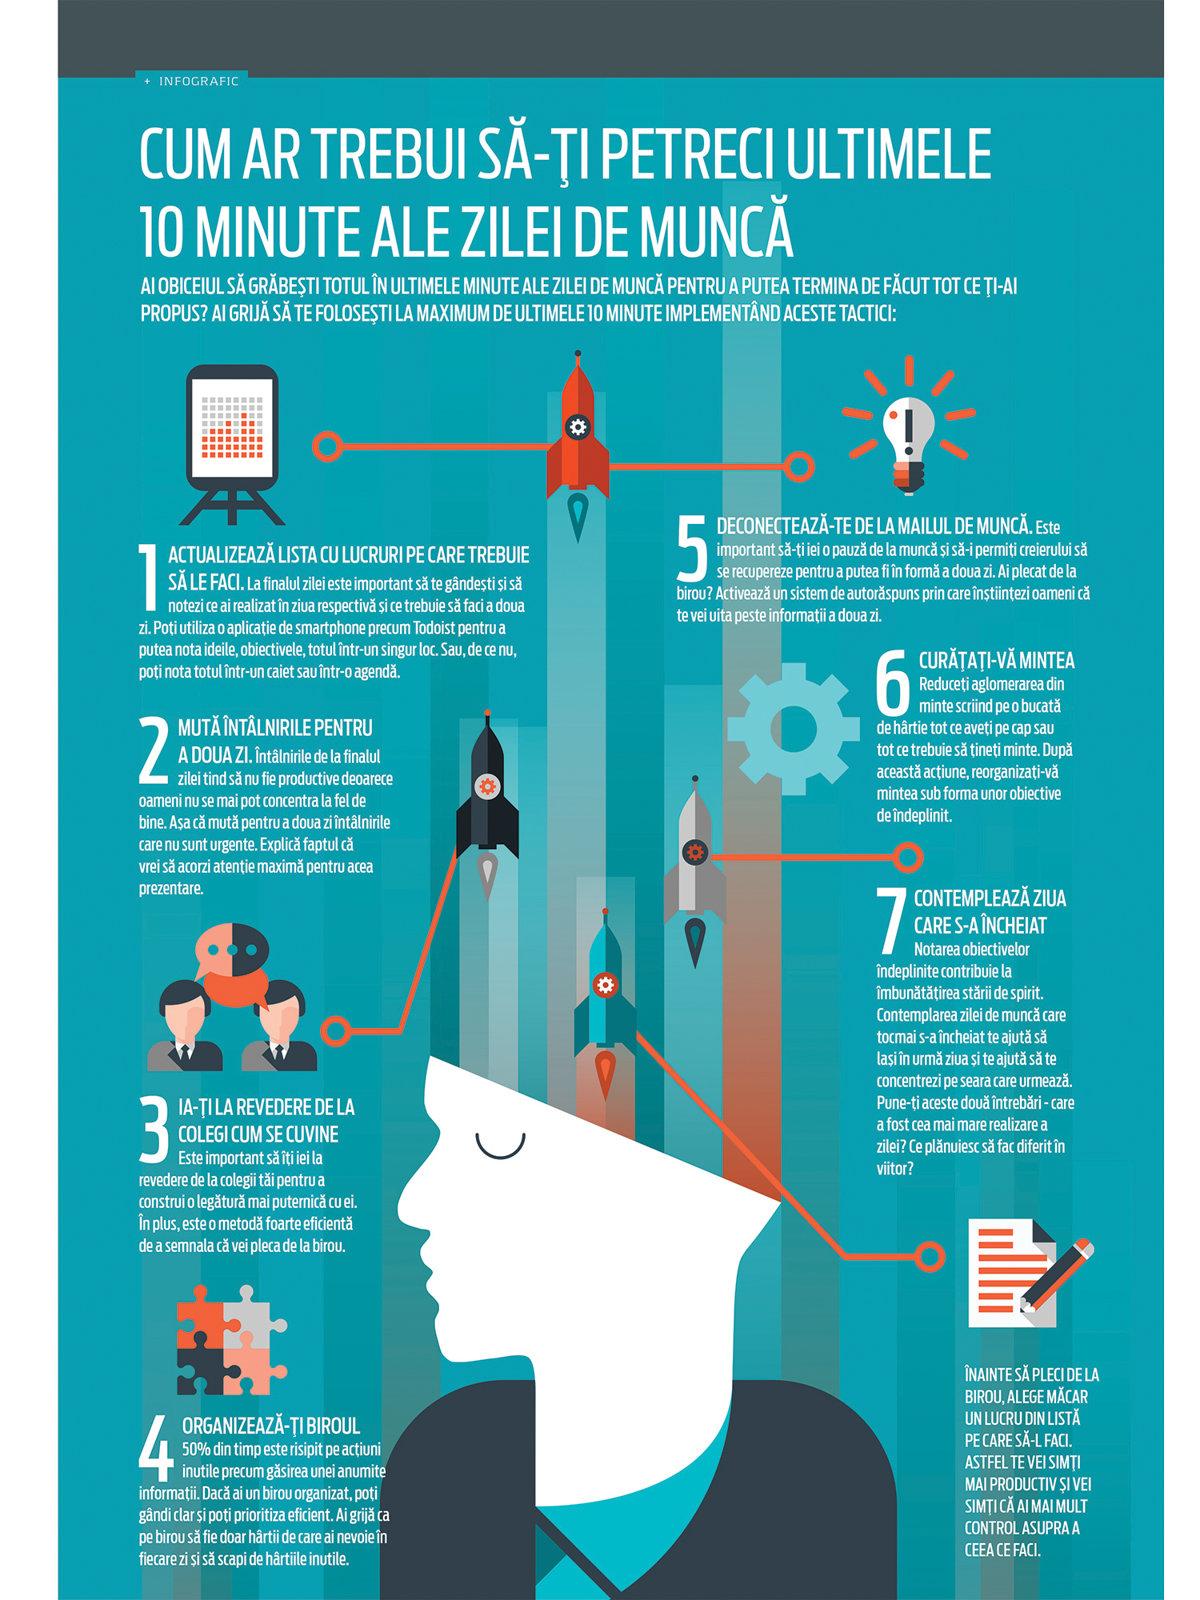 Cum ar trebui să-ţi petreci ultimele 10 minute ale zilei de muncă